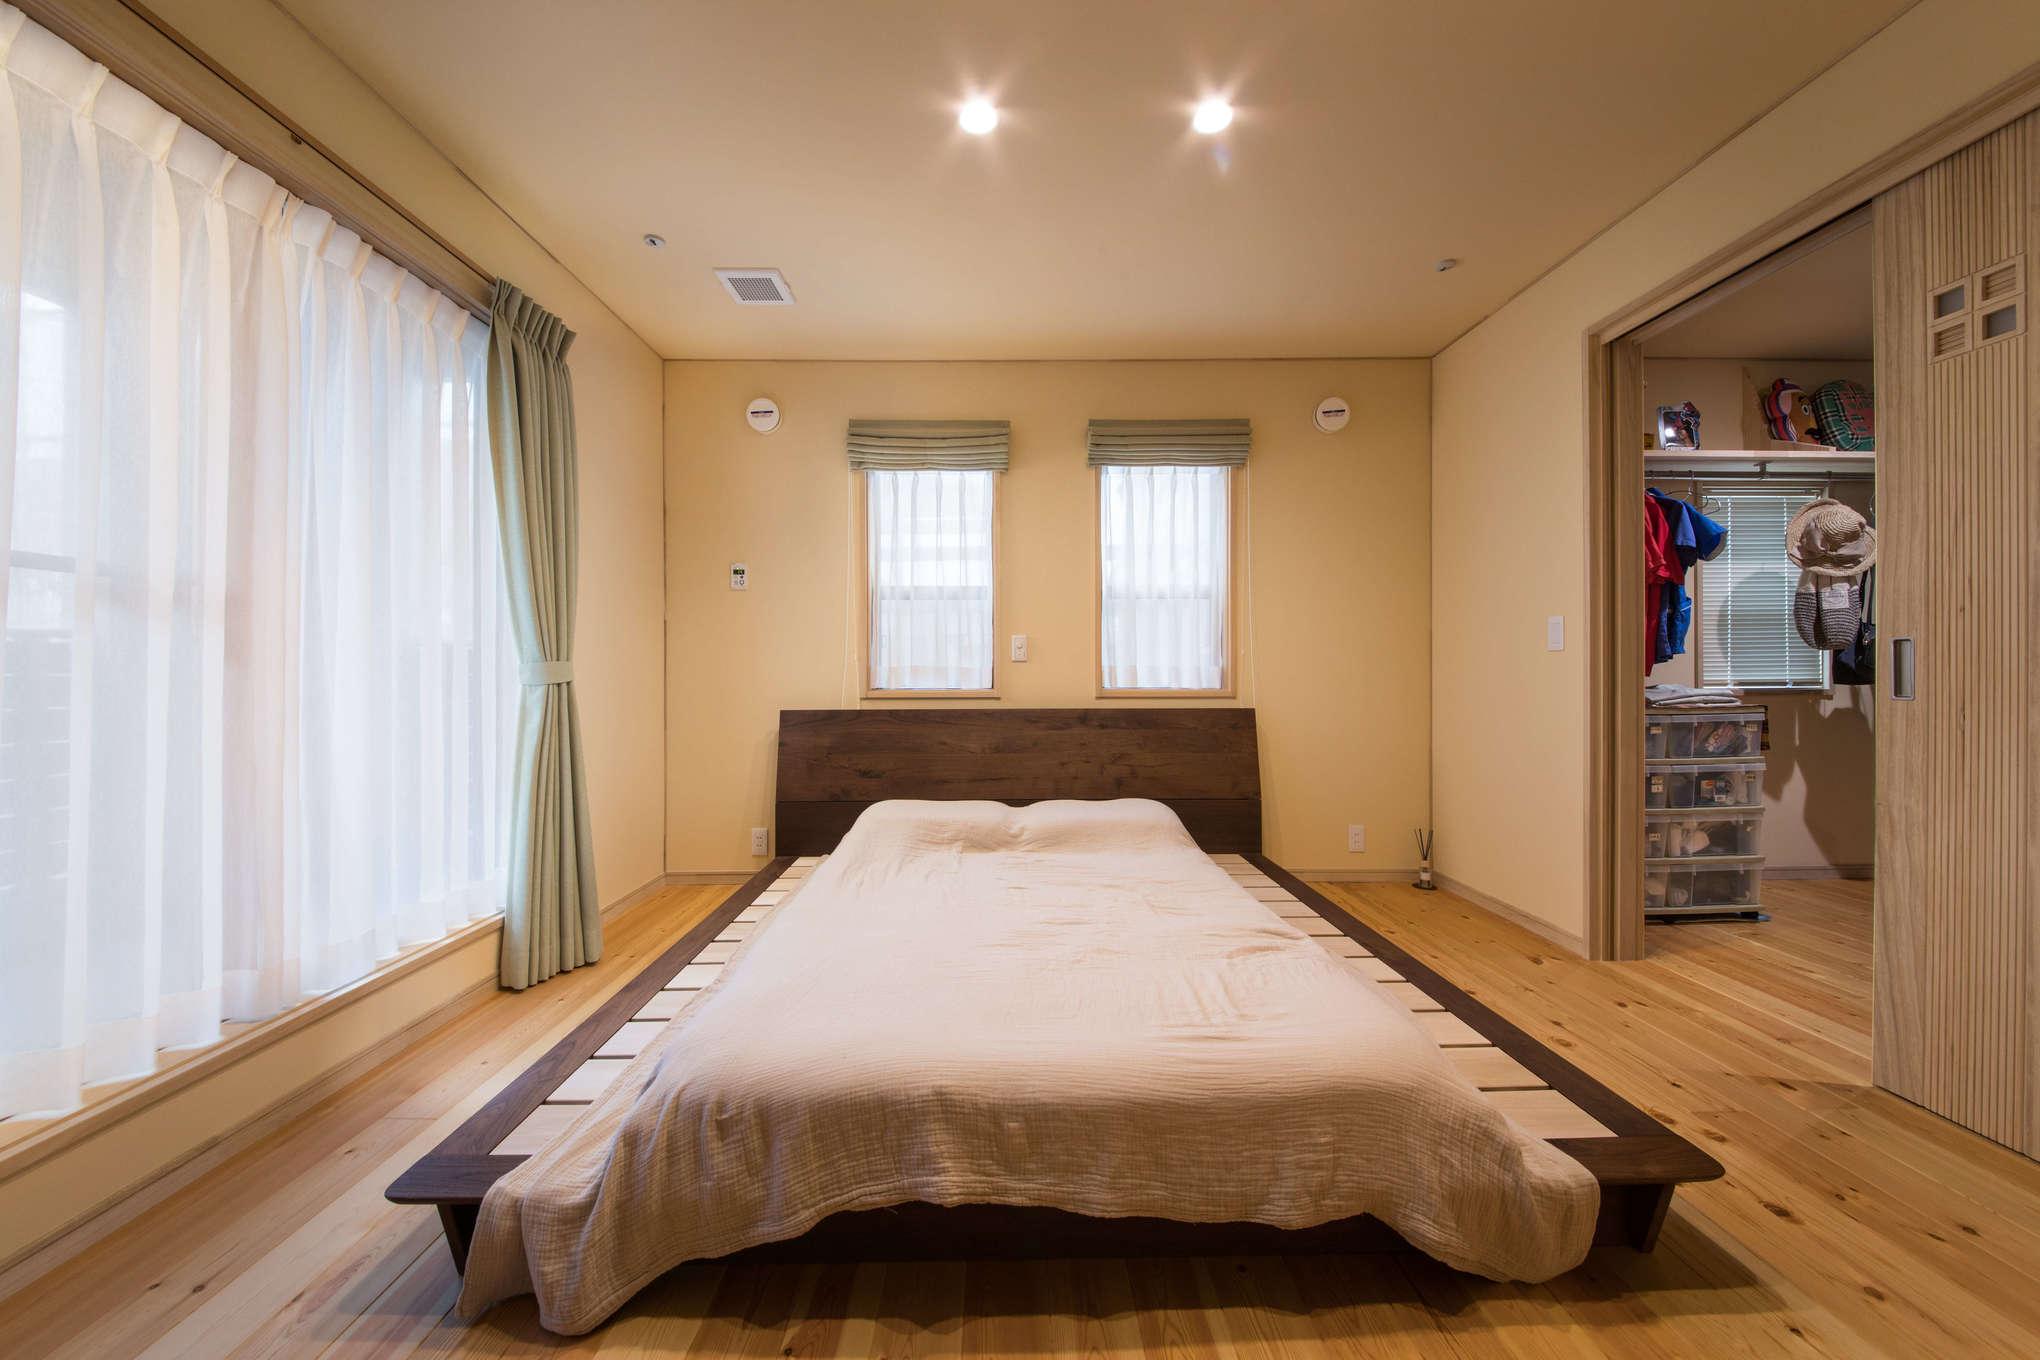 瀧口建設【1000万円台、デザイン住宅、子育て】2階の寝室はインナーバルコニーとウォークインクローゼットへ繋がる。24時間の計画換気システムの効果と、無垢材や自然素材の壁が持つ天然の吸湿効果が合わさり、いつも快適な空気と温度に包まれる